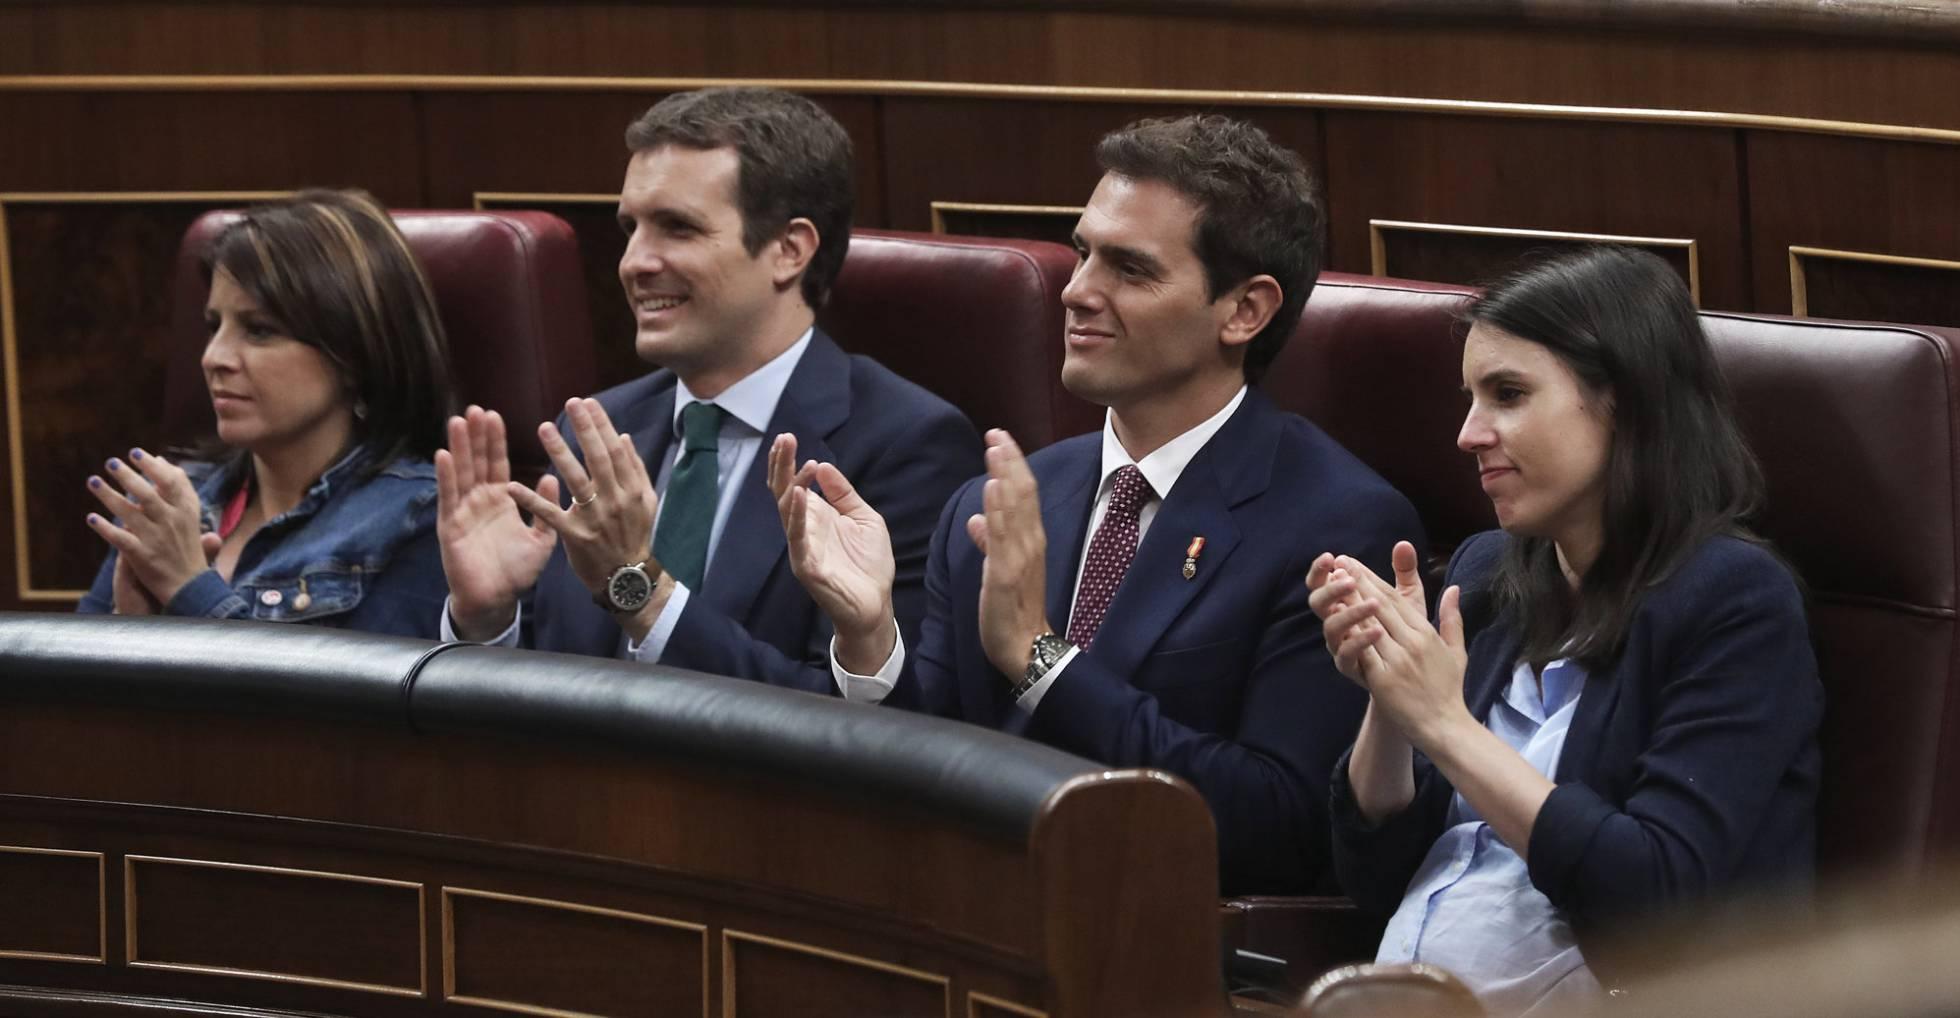 Обеспокоенность граждан состоянием испанской политики на самом высоком уровне с 1985 года